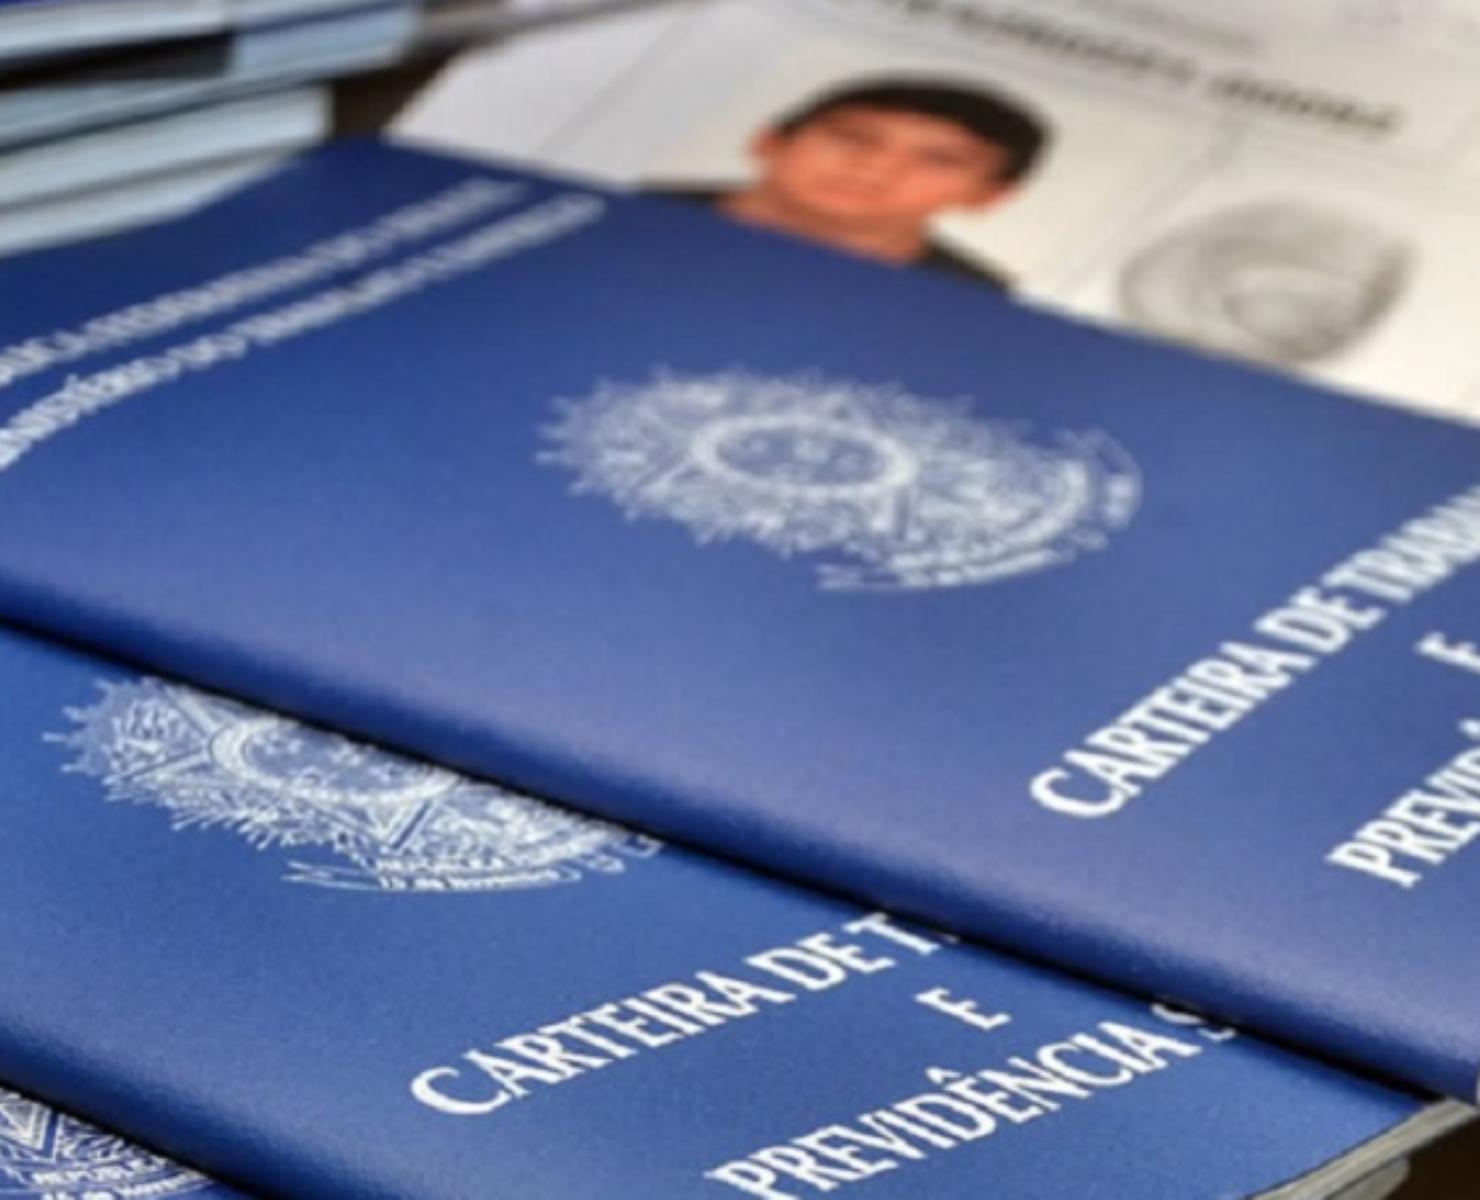 SENADO: DERRUBADO TRABALHO NO DOMINGO